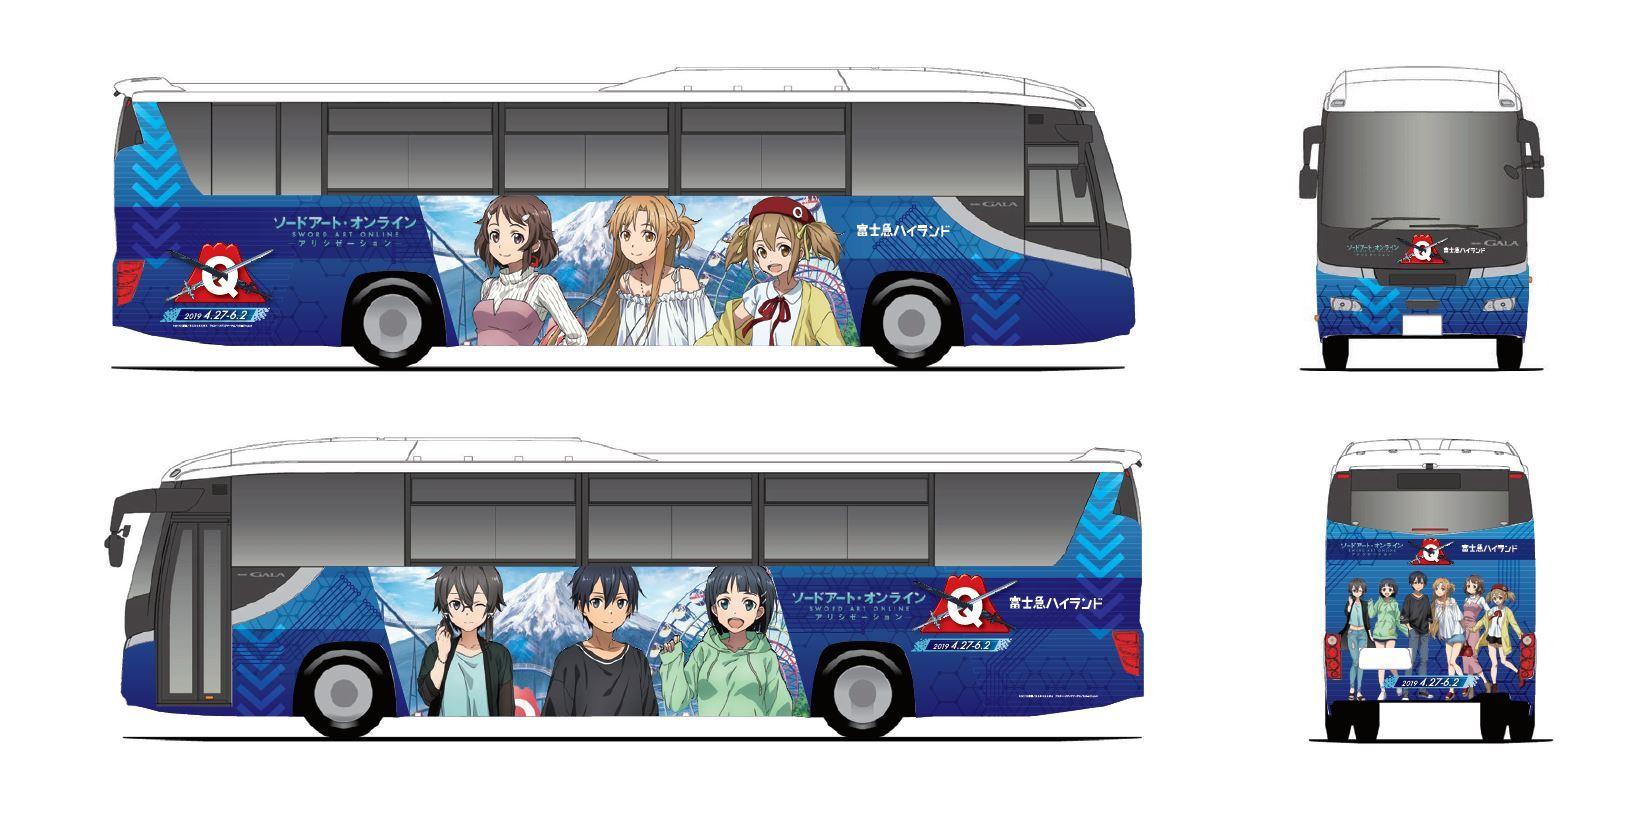 ラッピング高速バス